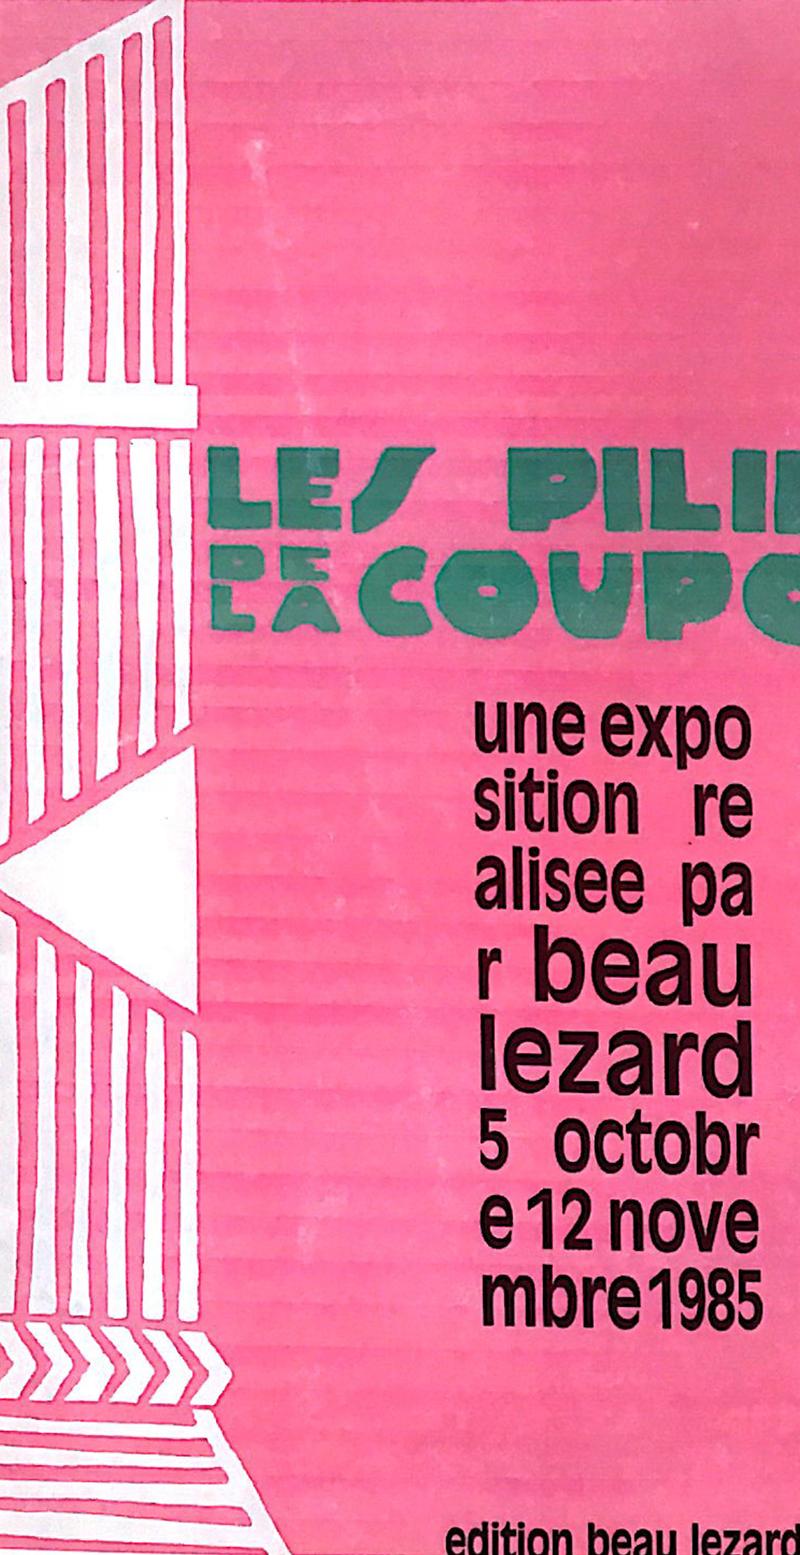 LES PILLIERS DE LA COUPOLE